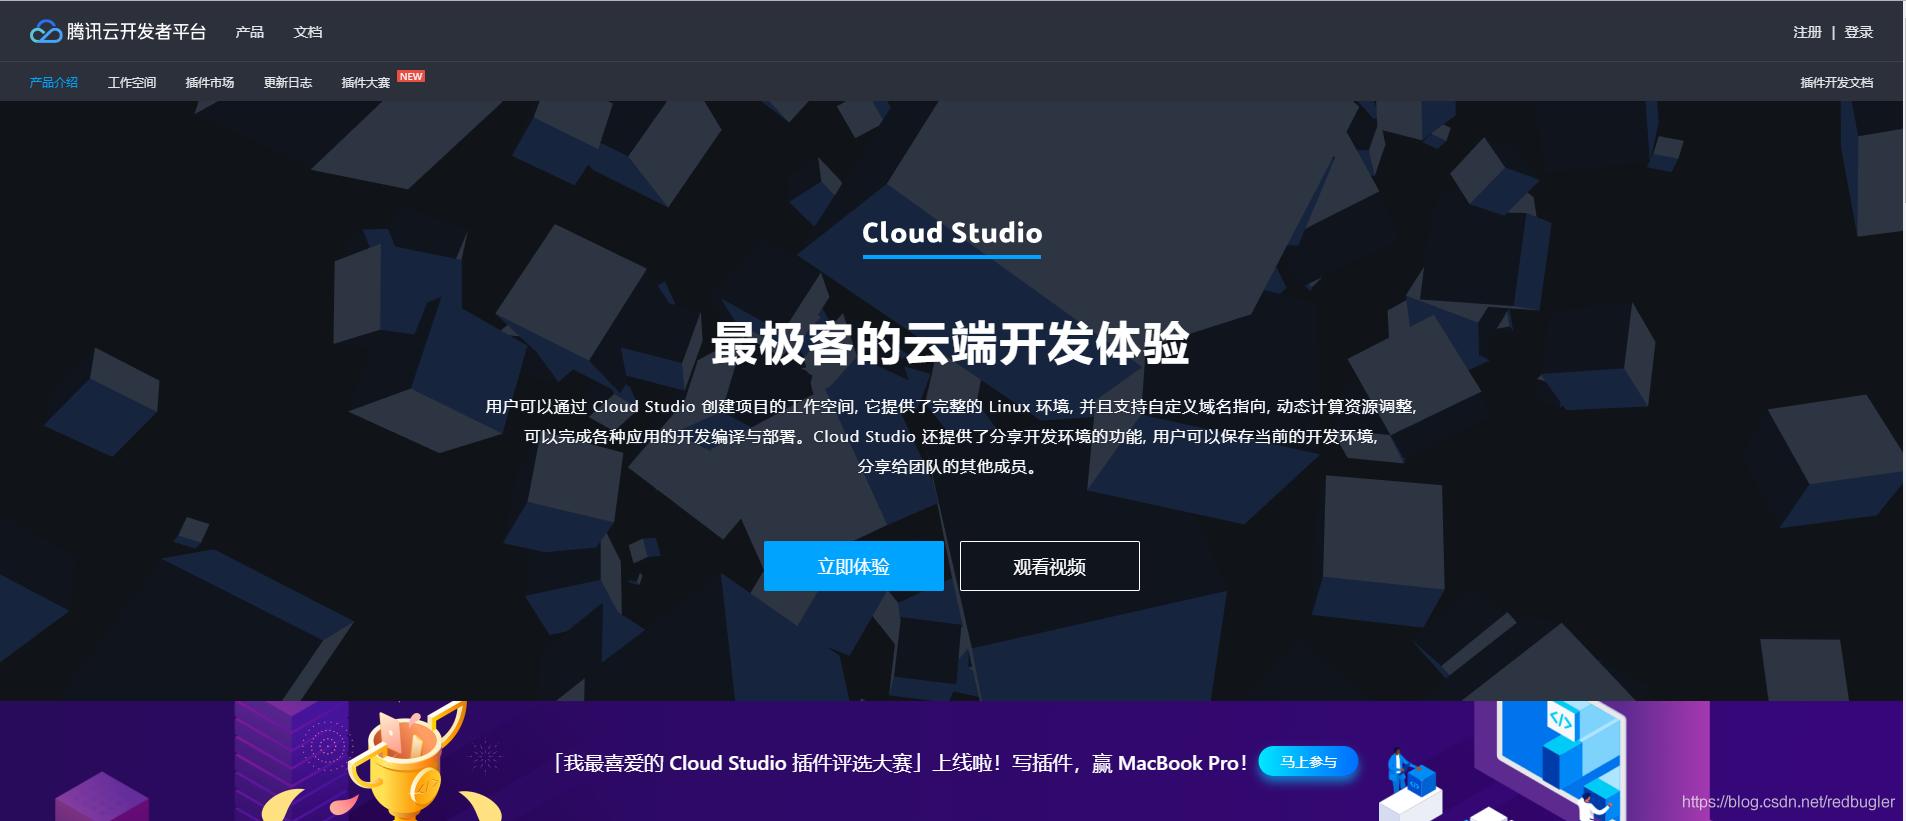 腾讯云开发者平台